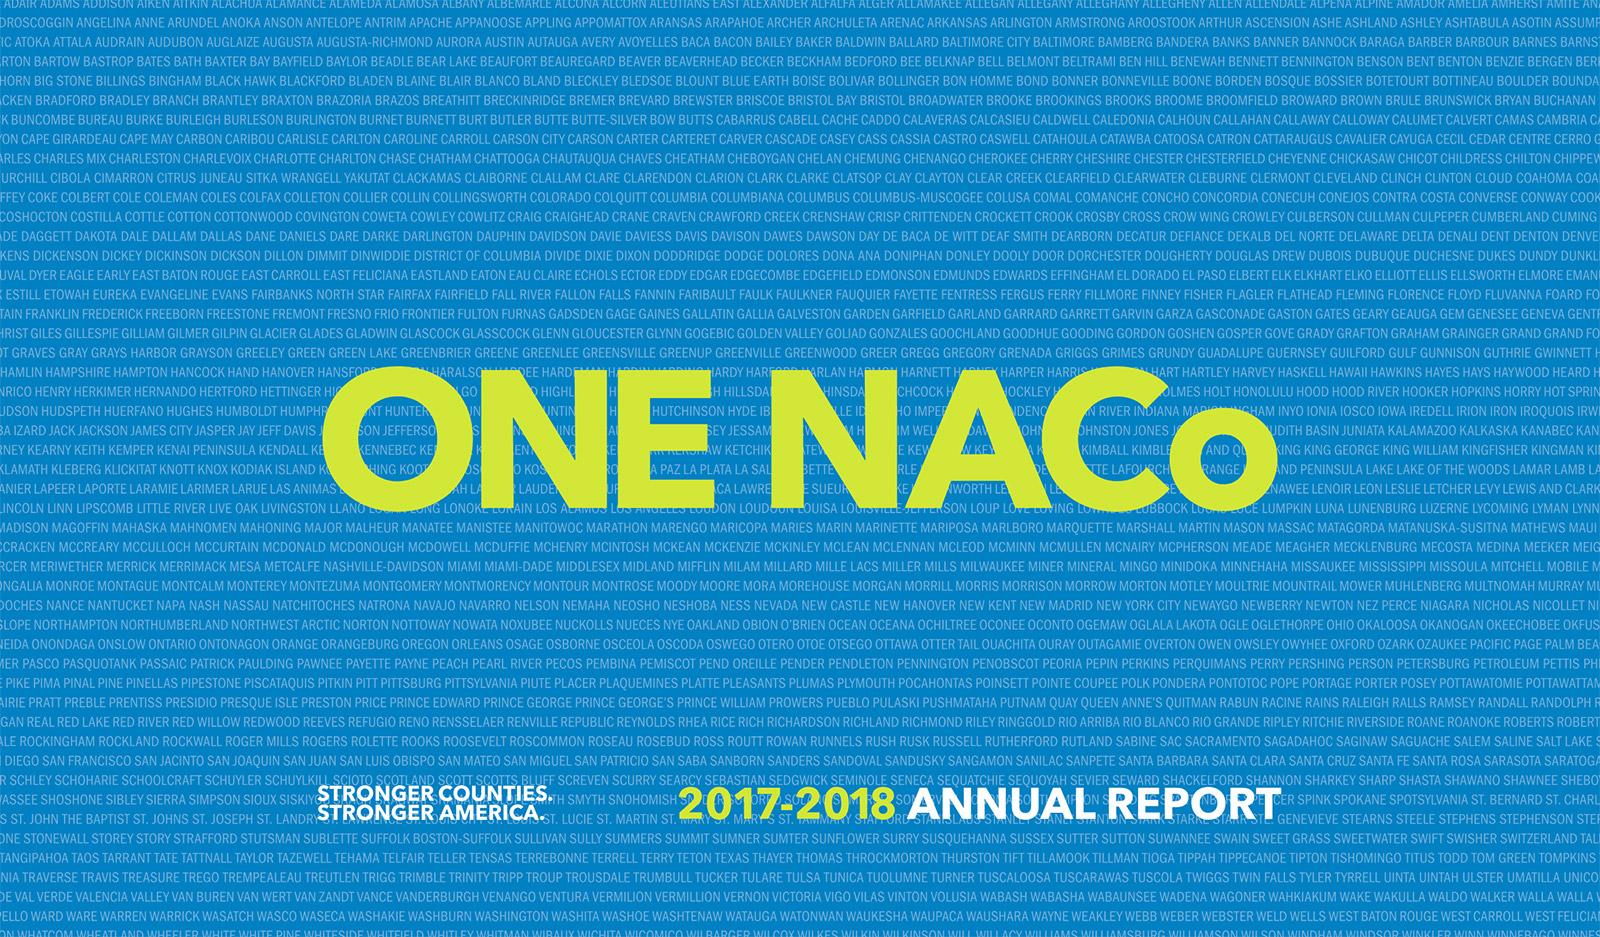 2017-2018 NACo Annual Report